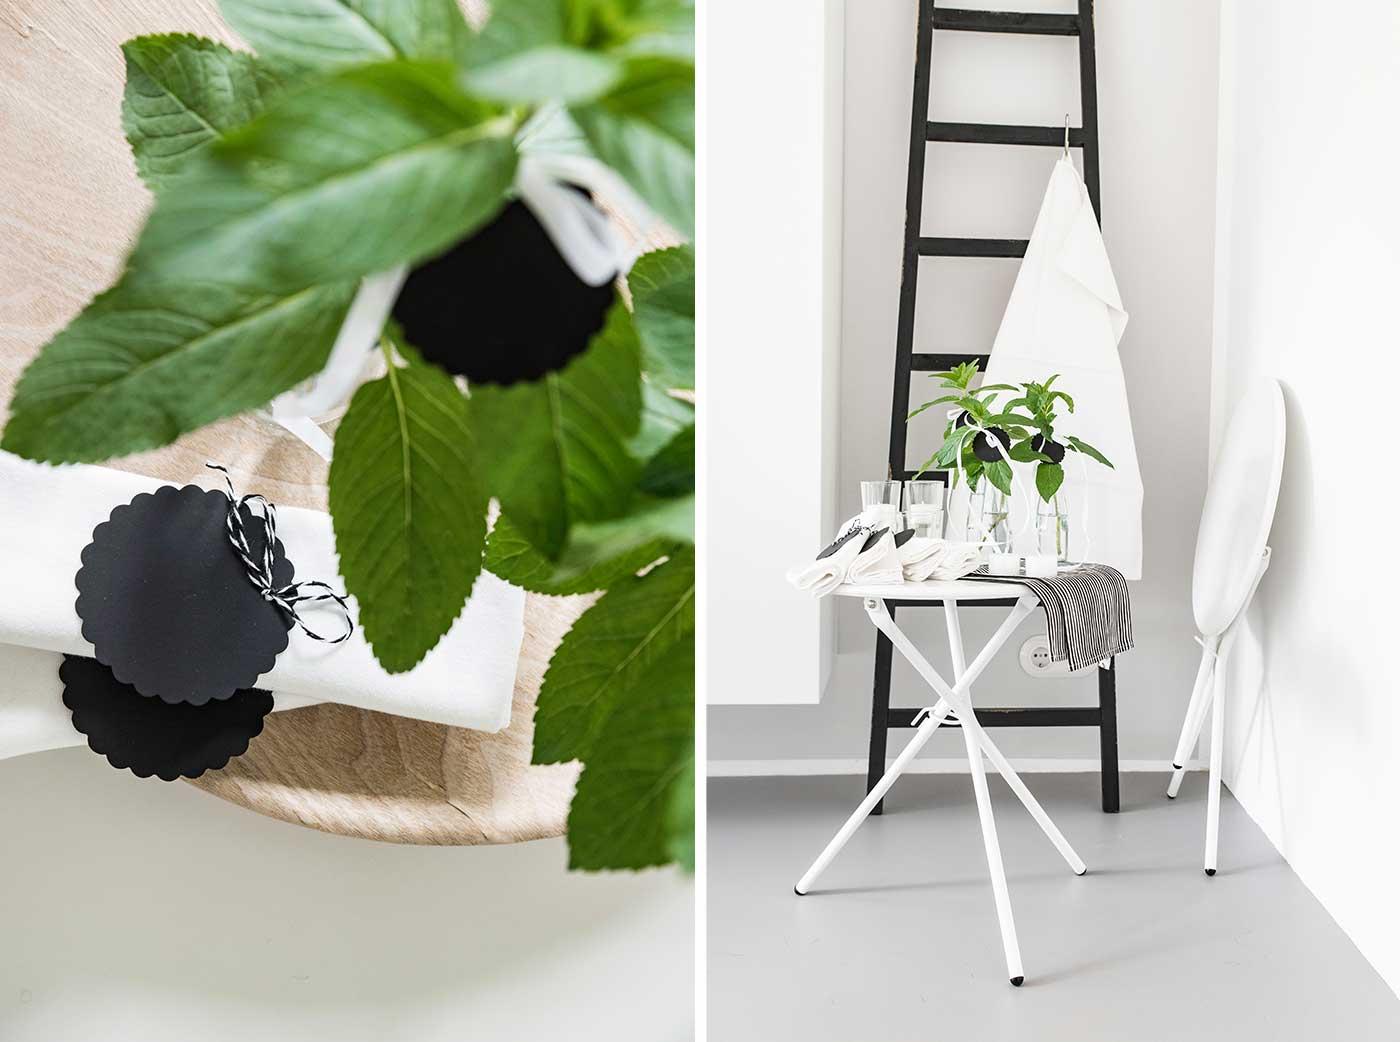 tischdeko f r ein mittsommerfest sch n bei dir by depot. Black Bedroom Furniture Sets. Home Design Ideas